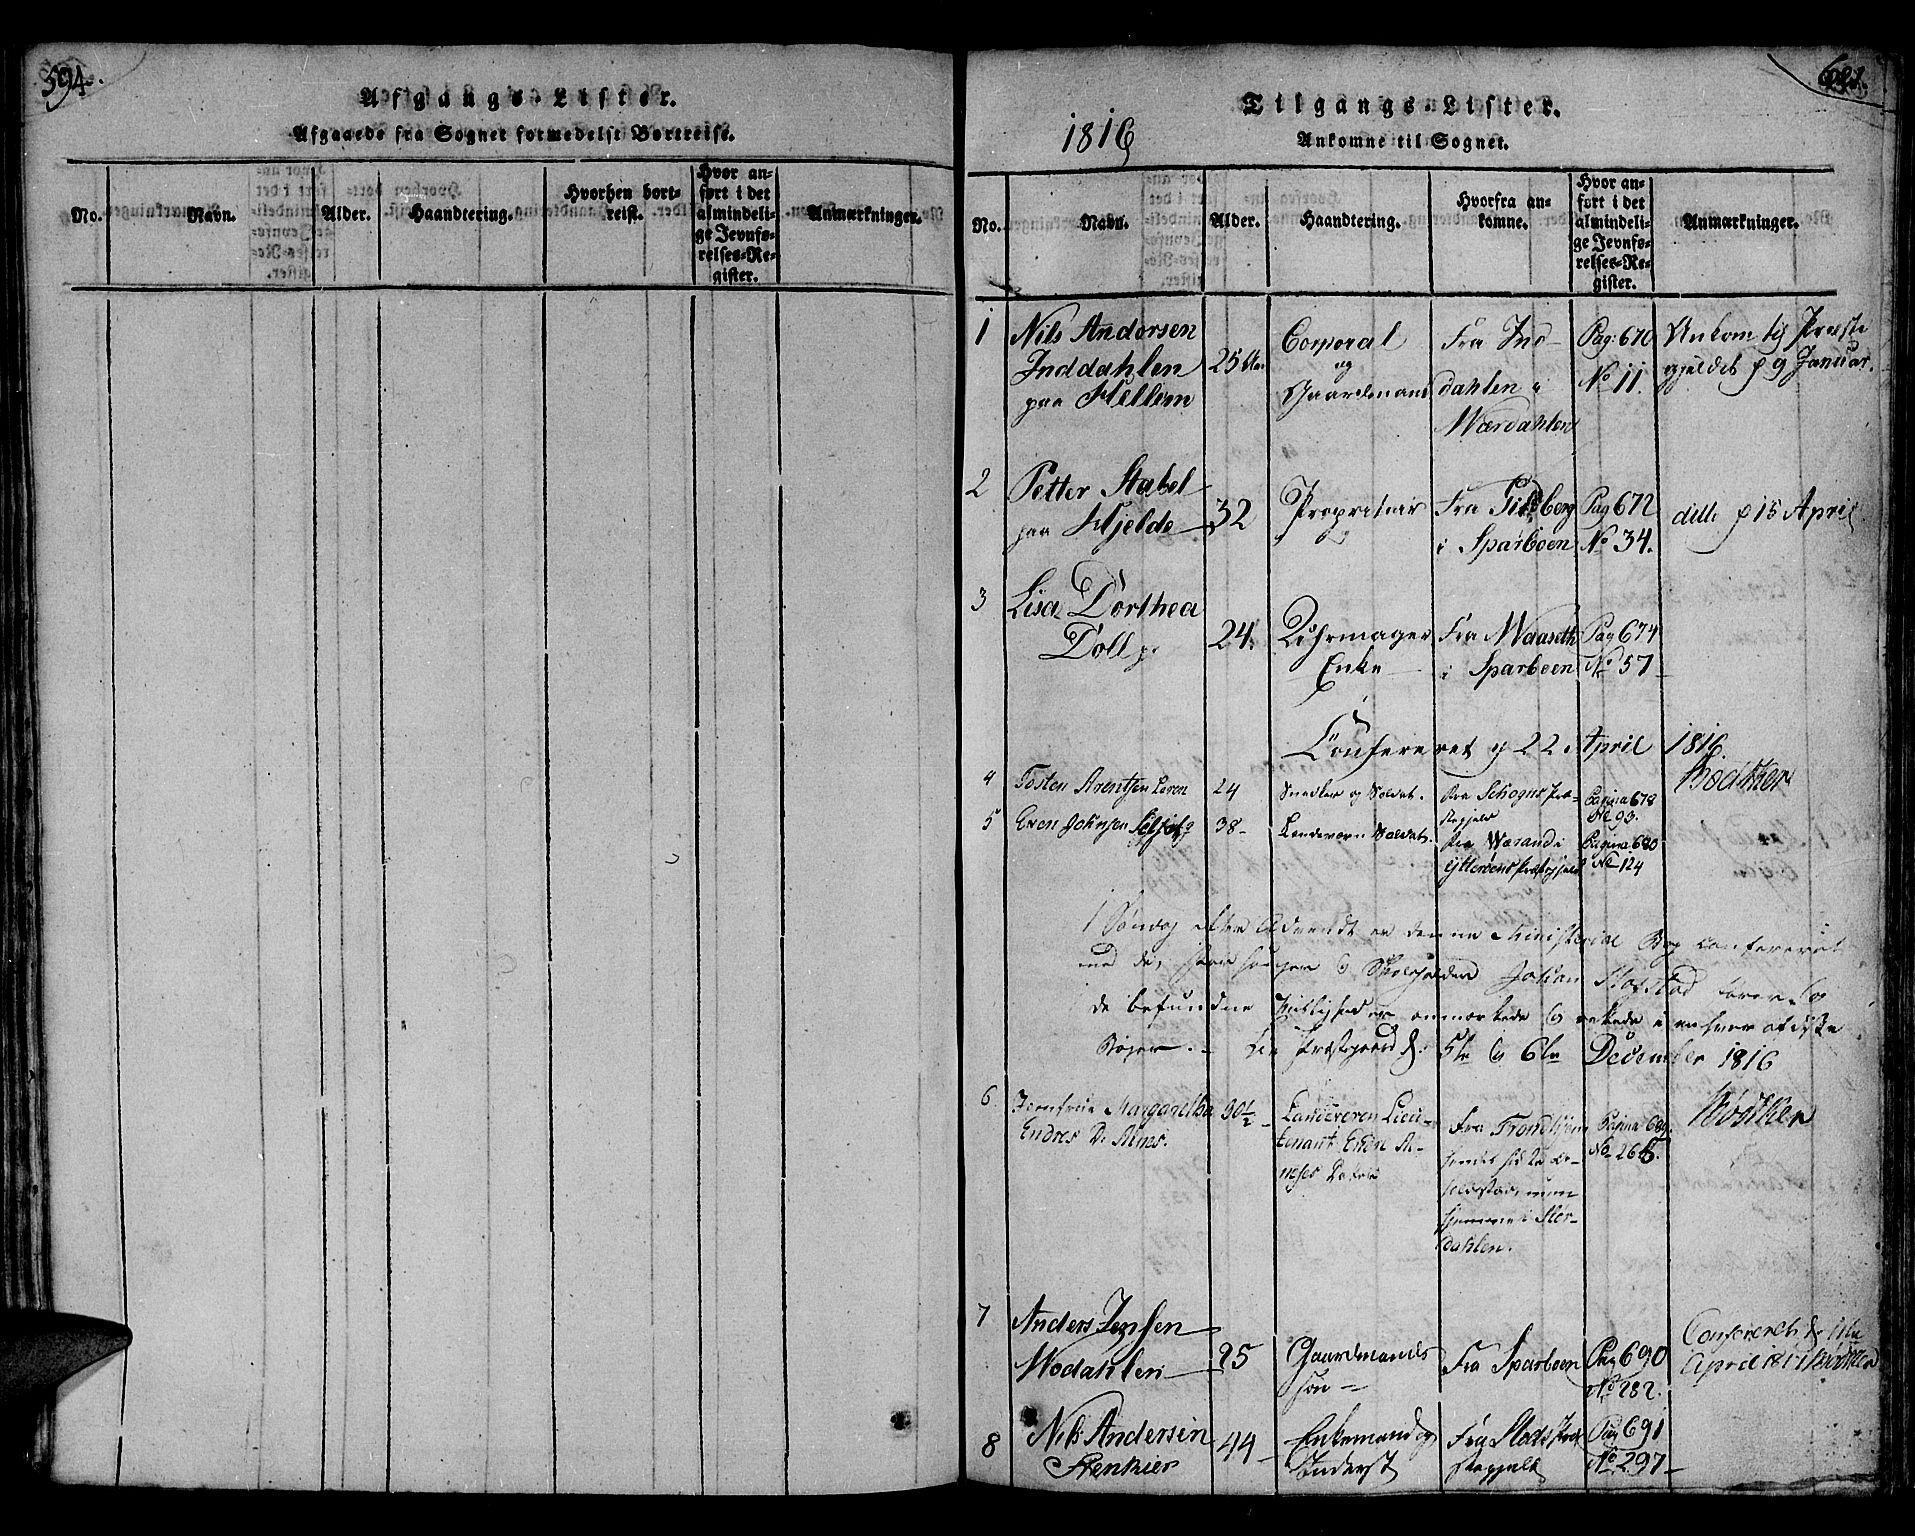 SAT, Ministerialprotokoller, klokkerbøker og fødselsregistre - Nord-Trøndelag, 730/L0275: Parish register (official) no. 730A04, 1816-1822, p. 594-621